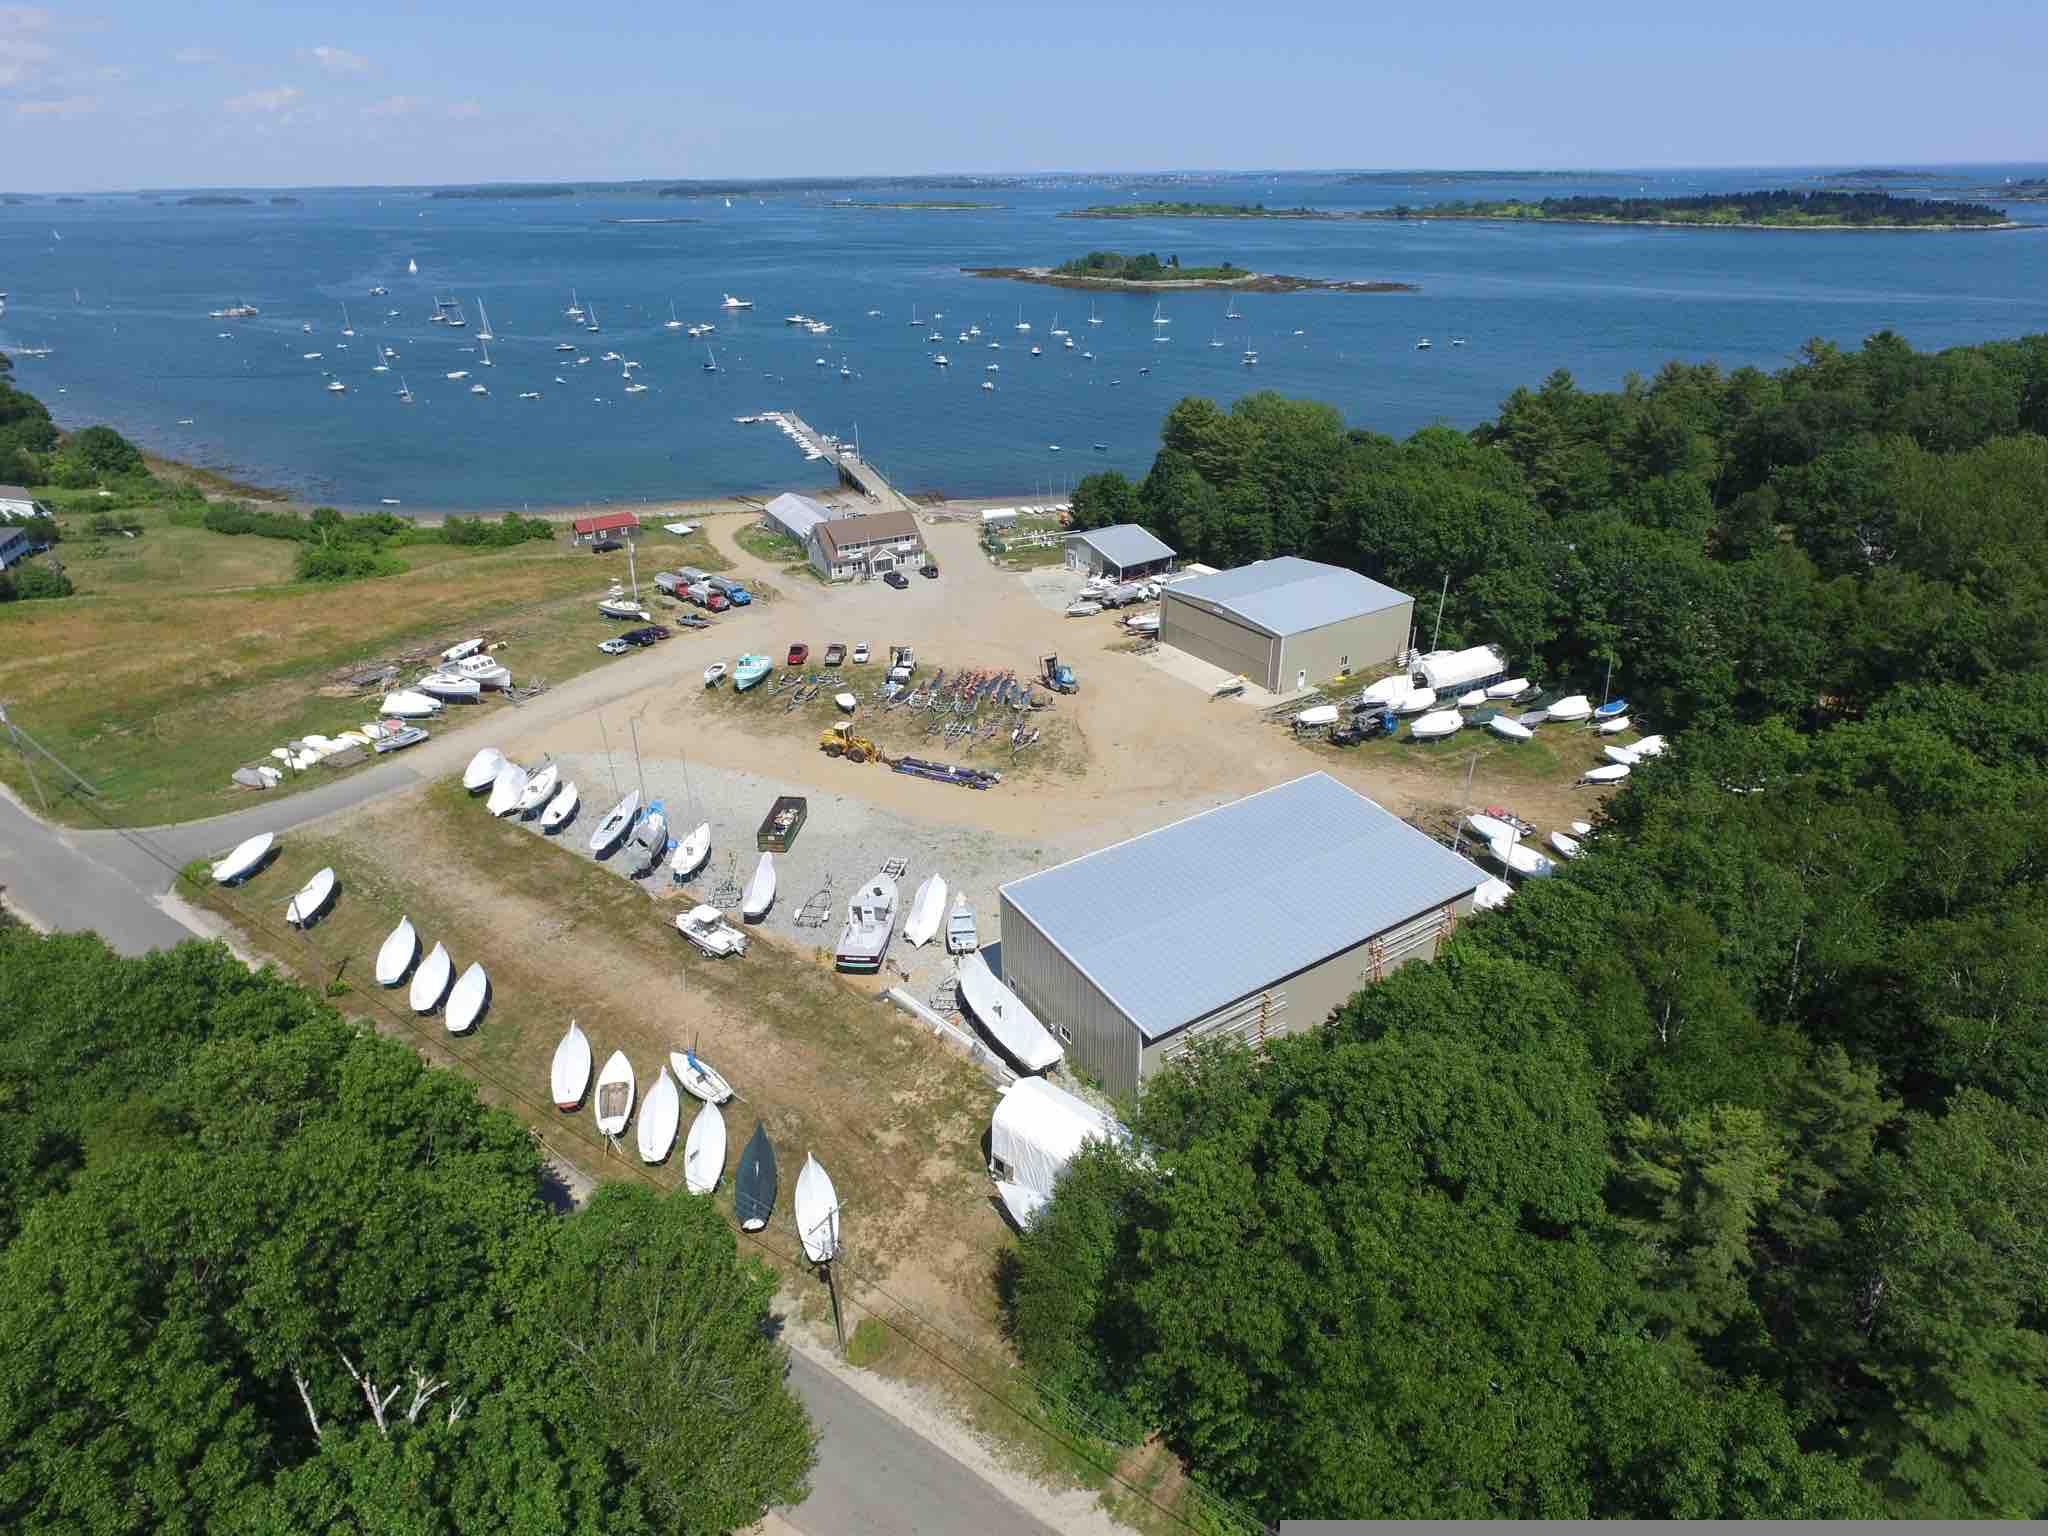 Cheabeague Island Boat Yard -